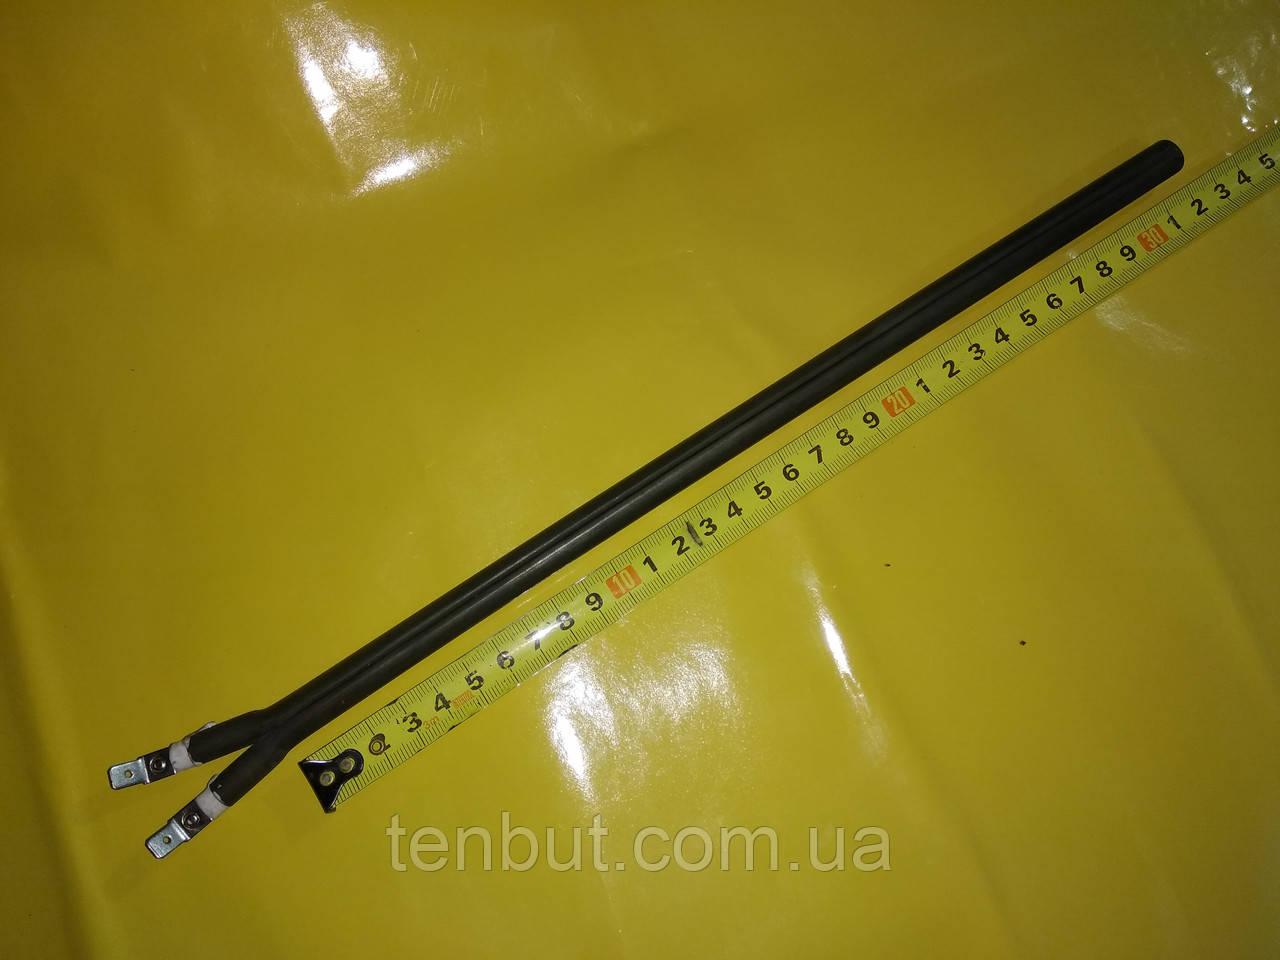 Сухий тен 0.8 кВт. 220 В. L-320 мм. для бойлерів Gorenje, Electrolux, Termal, Fagor . Виробник Kawai